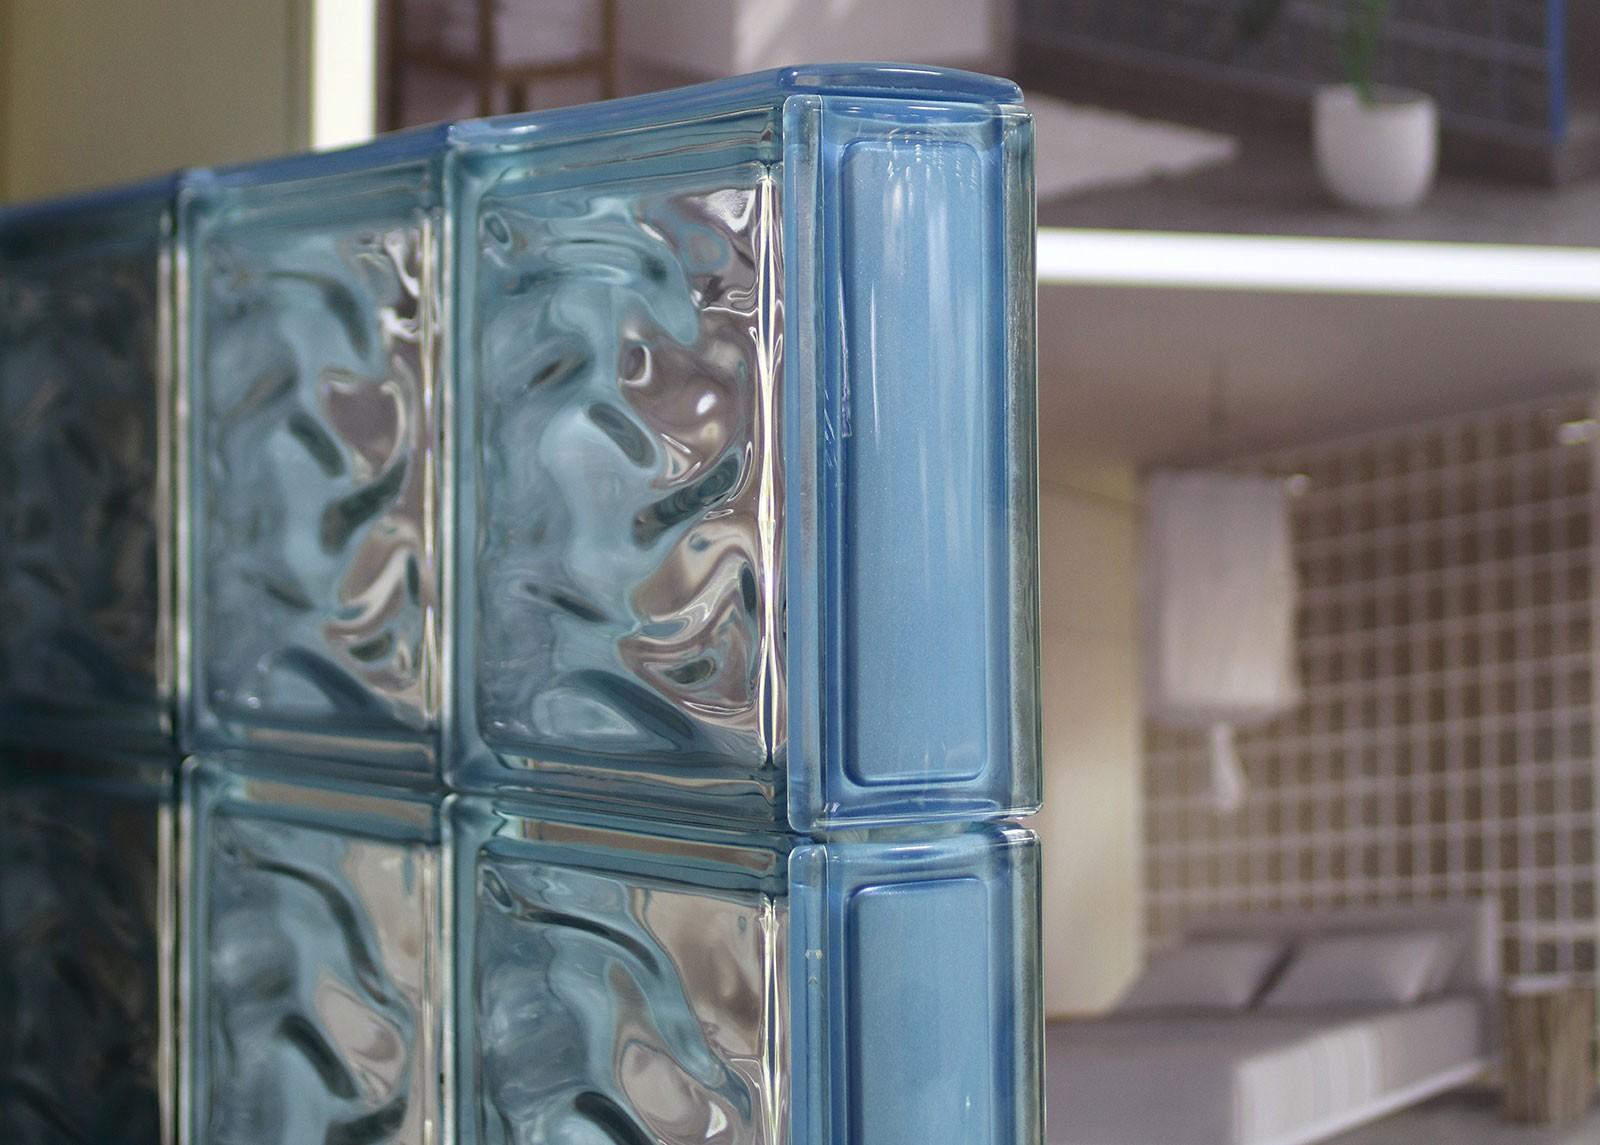 Nuevos productos en Cevisama 2018 06